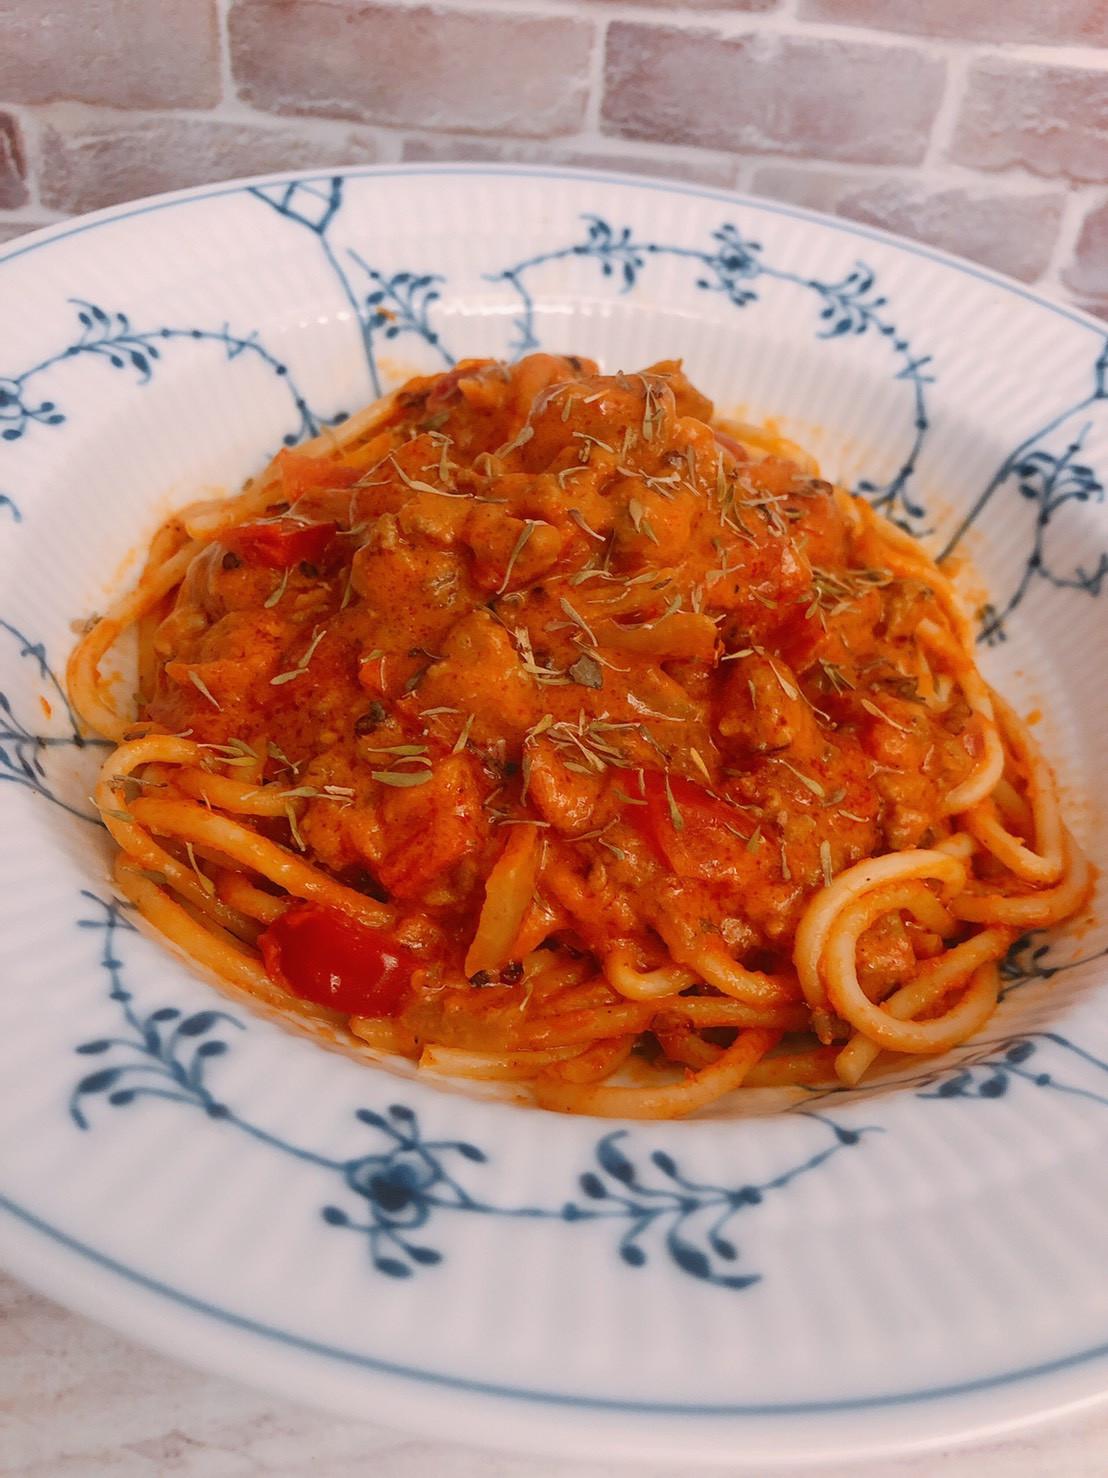 義式料理 <牛肉> 傳統儀式肉醬麵